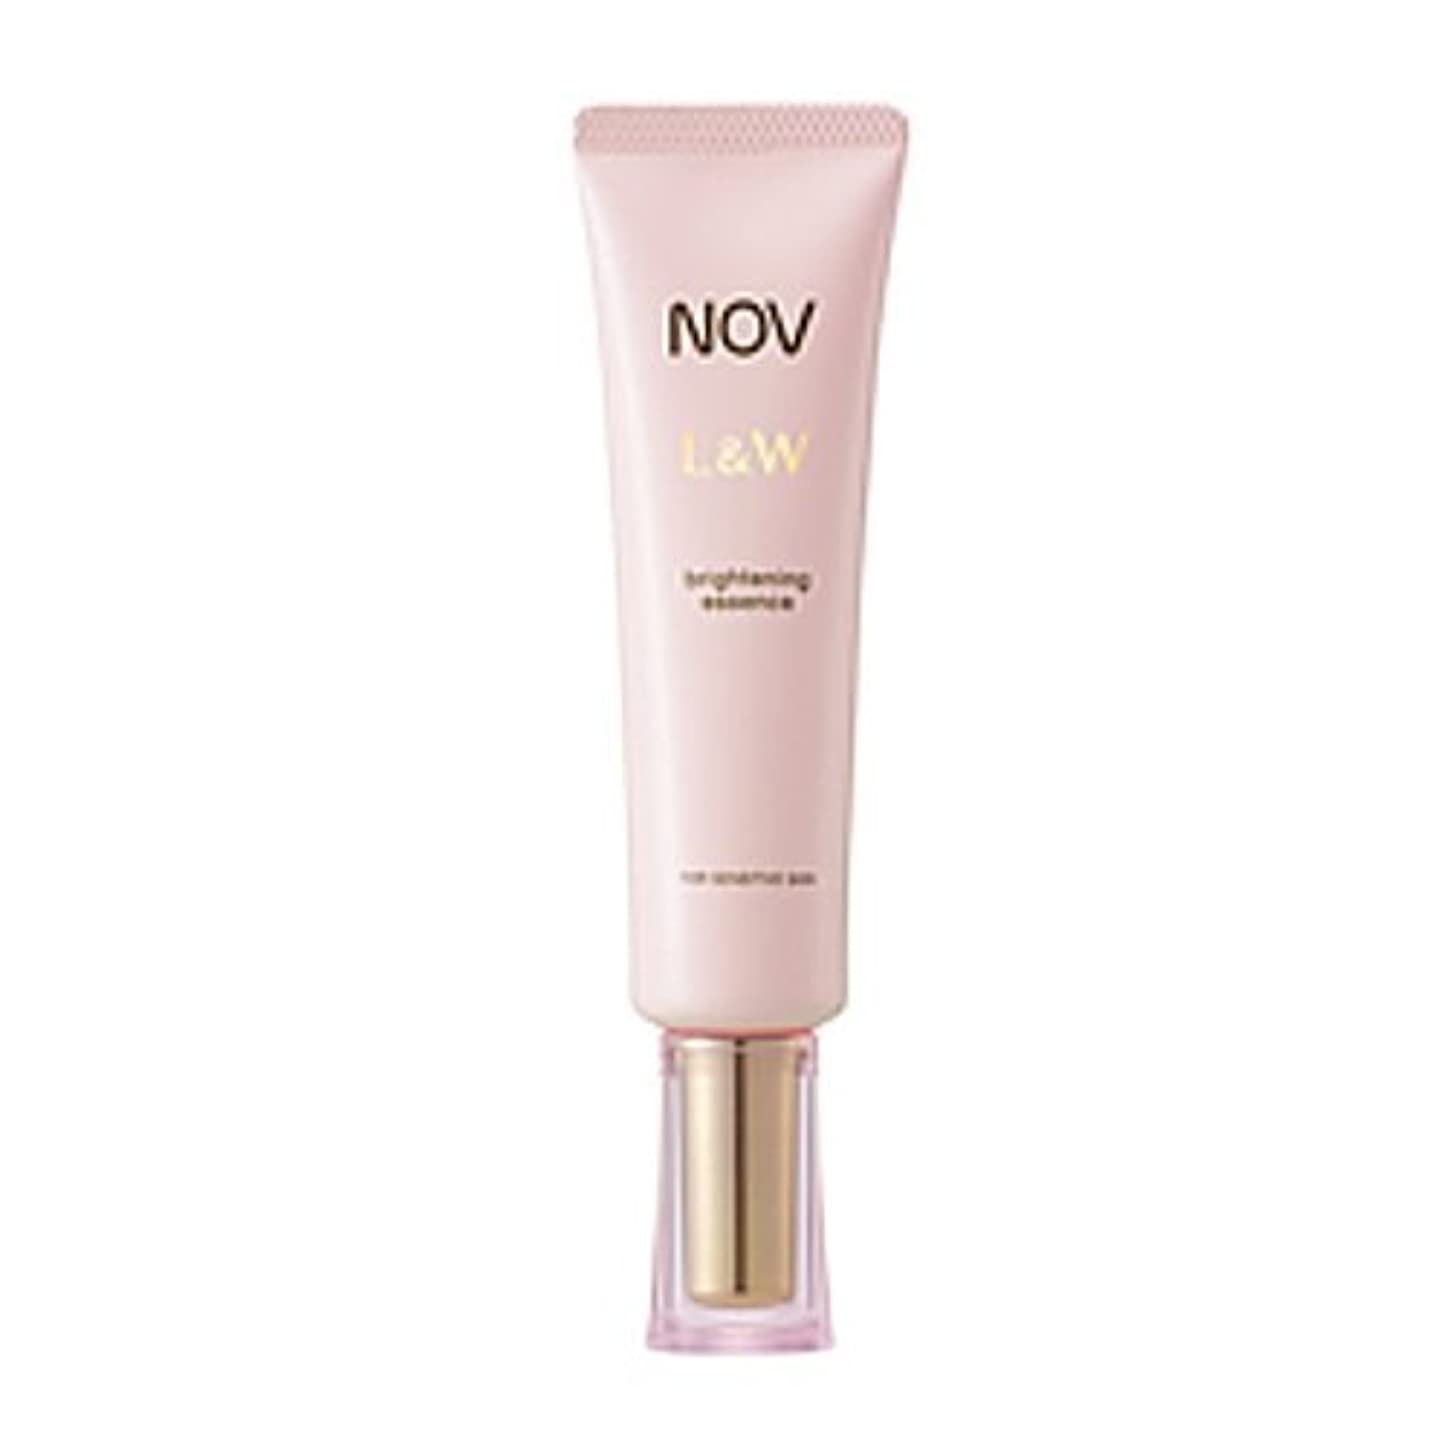 ショッピングセンター傑作洞察力のあるNOV L&W  ブライトニングエッセンス(医薬部外品)<30g>